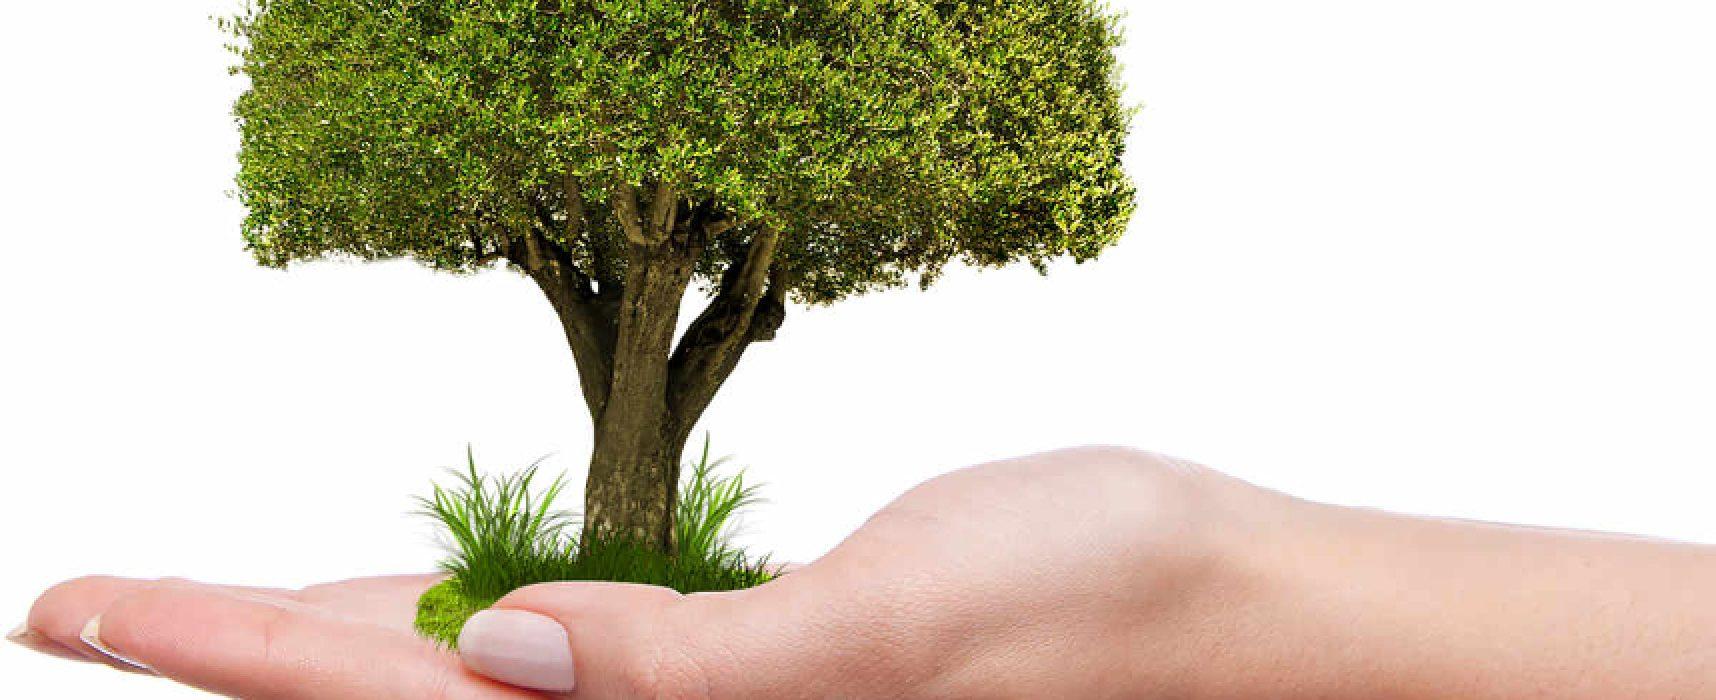 Giornata nazionale degli alberi, attivisti 5 stelle rinfoltiscono il verde cittadino / DETTAGLI